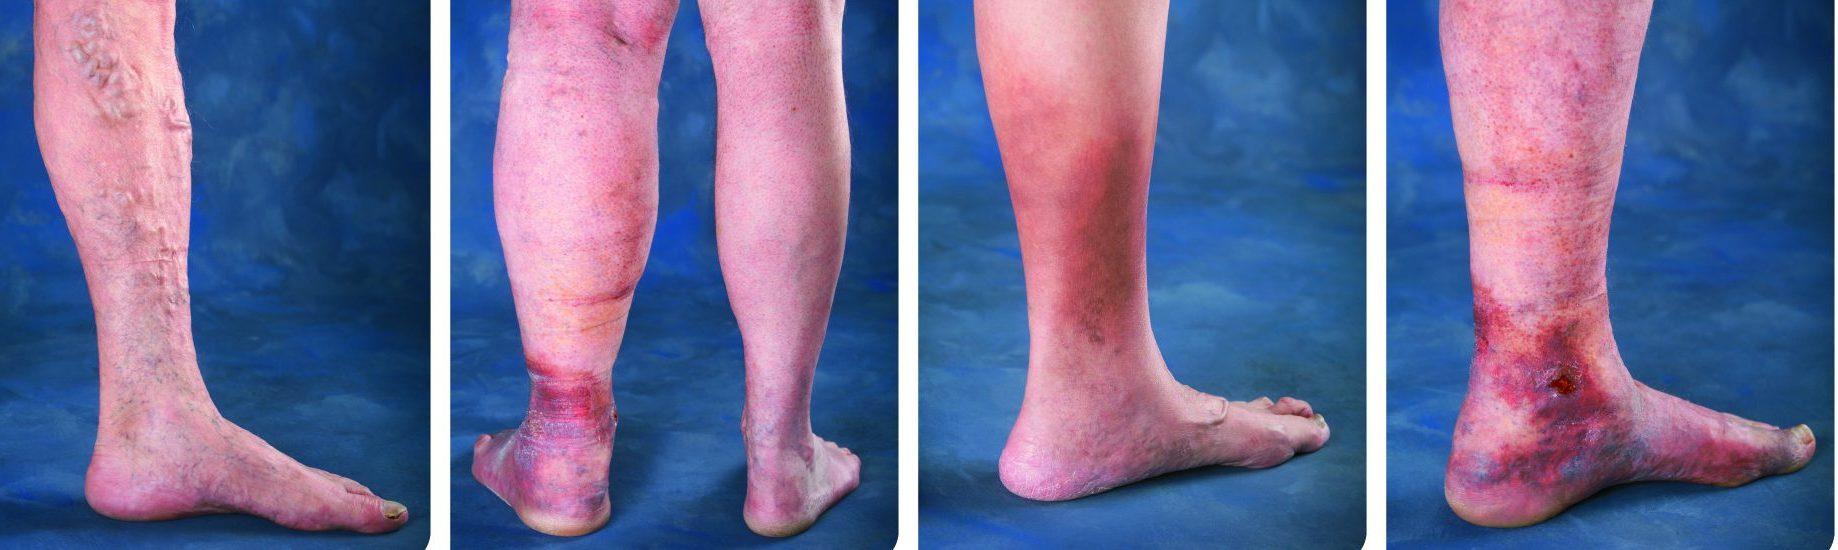 Kallal Medical Group Keller Texas - Venous Disease Varicose Vein Treatment